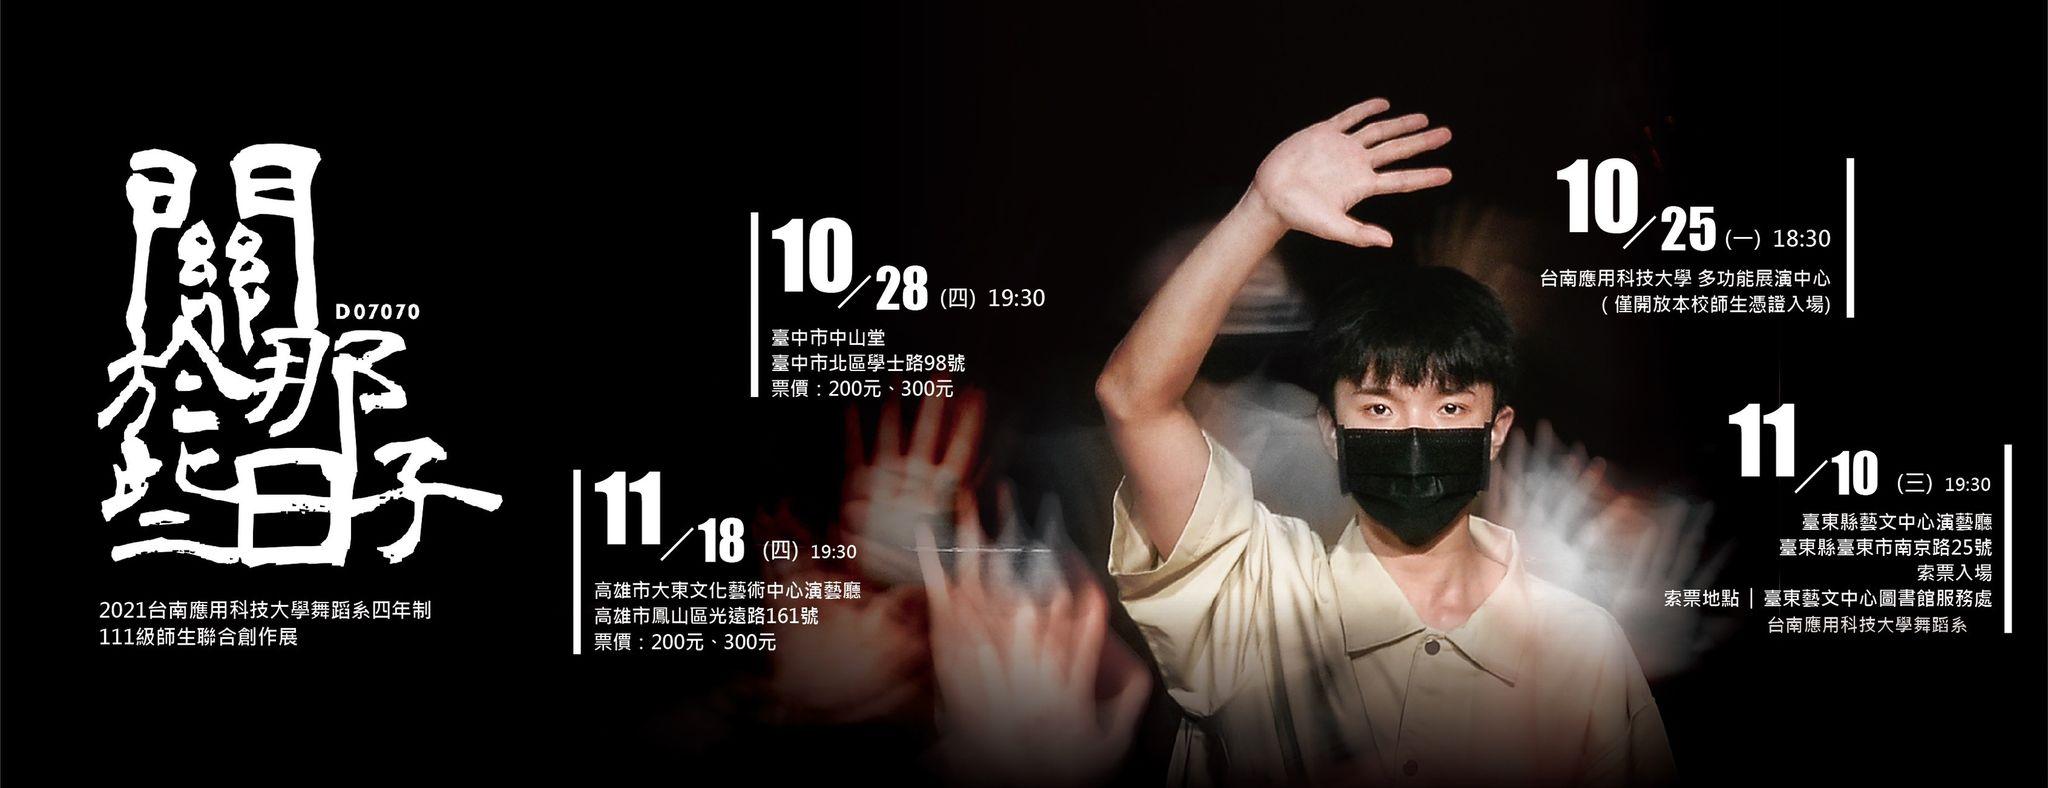 2021台南應用科技大學舞蹈系四年制111級-師生聯合創作展《D07070-關於那些日子》